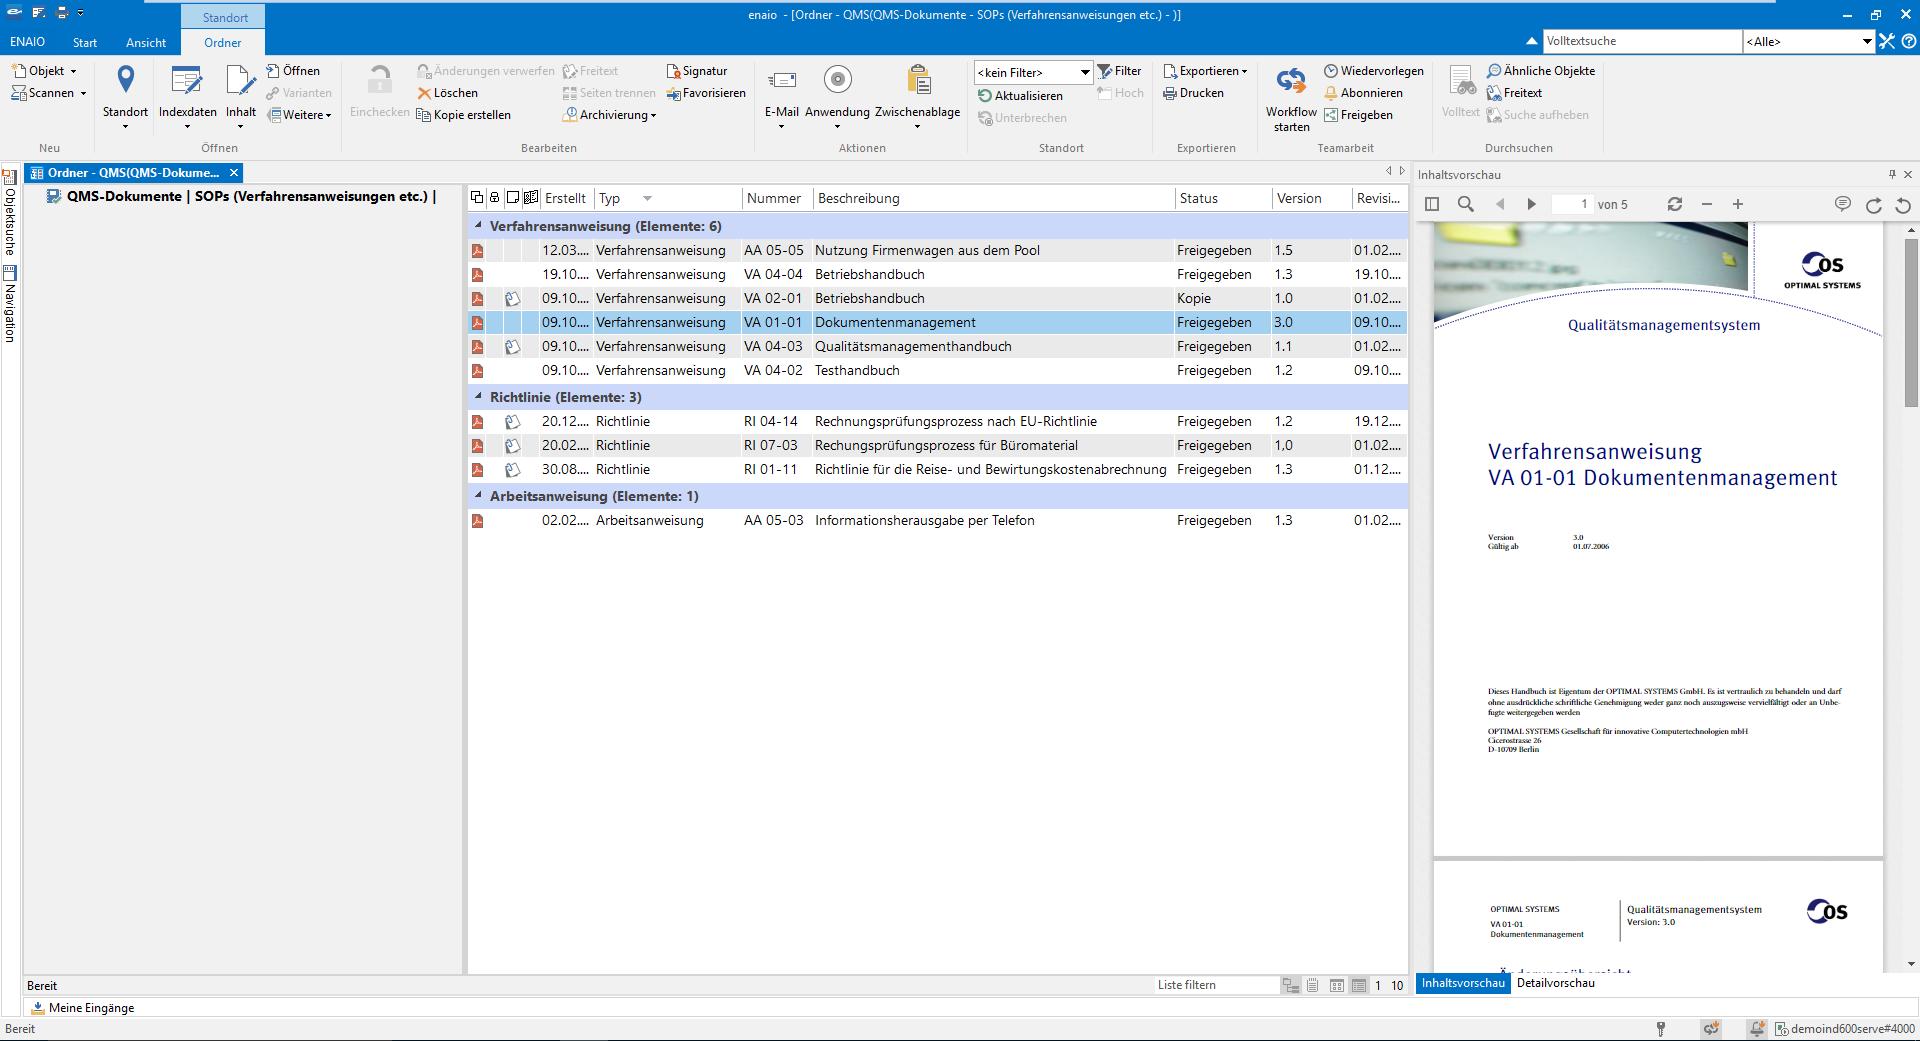 Qualitätsmanagement Screenshot - Geschäftsvorgänge dokumentieren